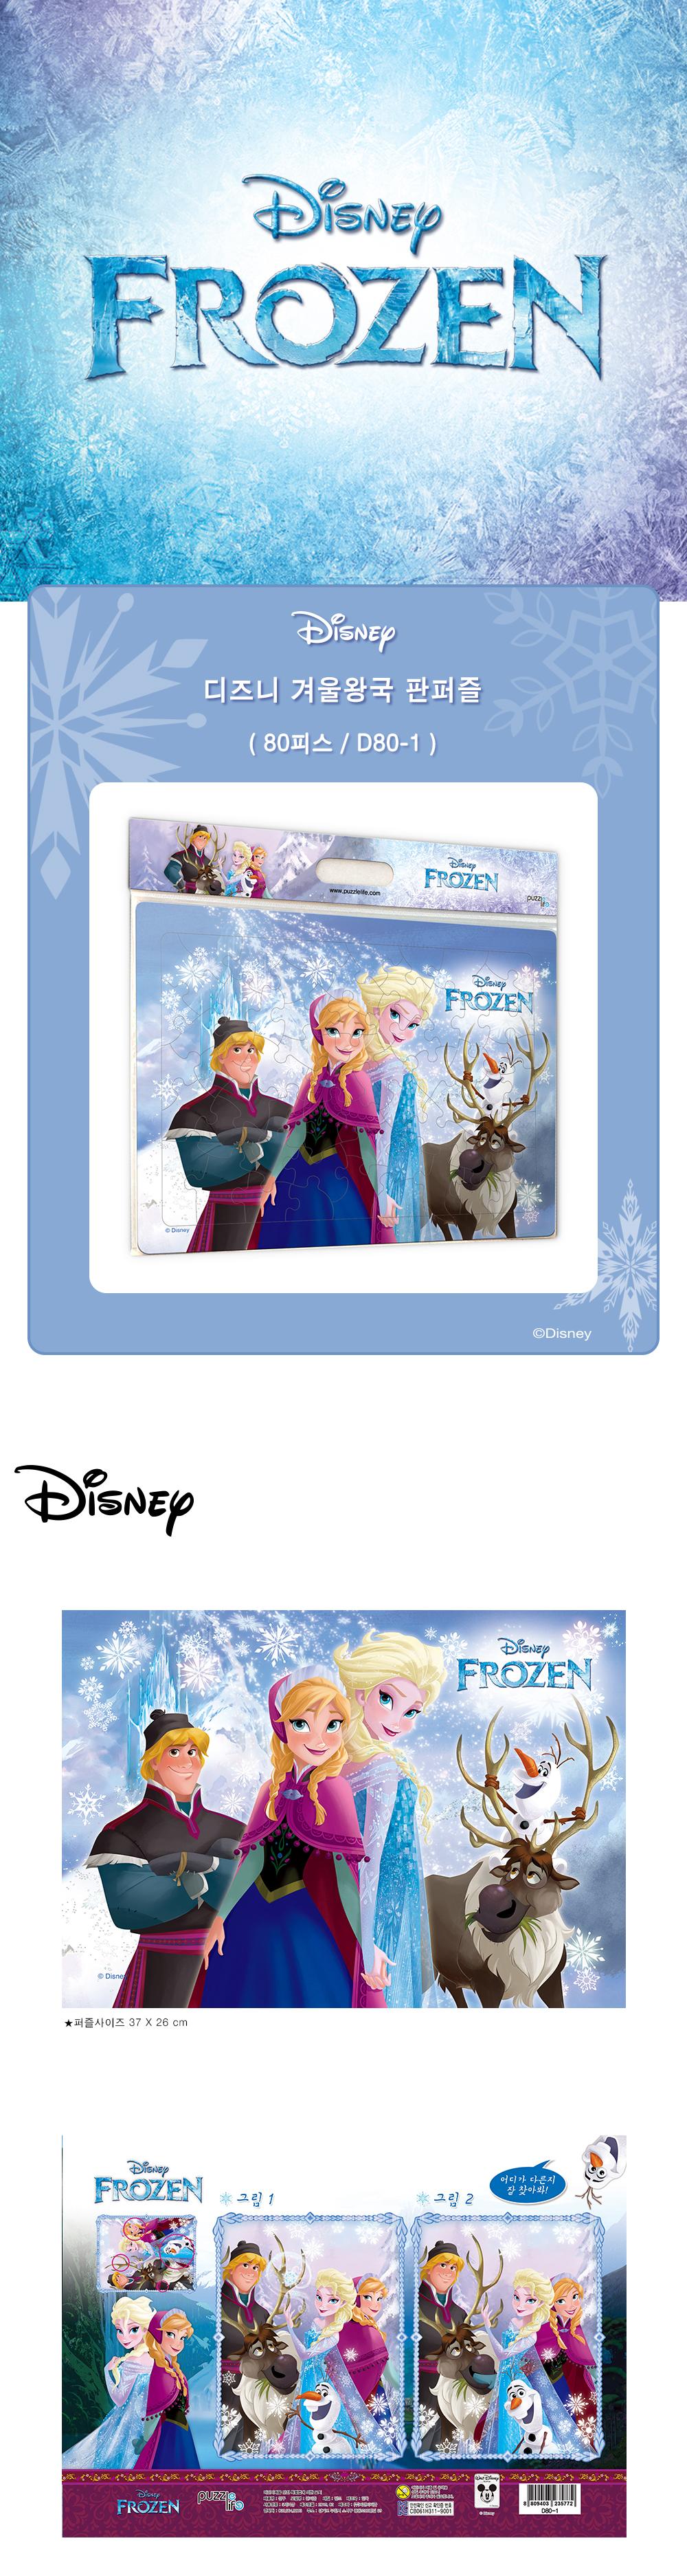 [Disney] 디즈니 겨울왕국 판퍼즐(80피스/D80-1) - 퍼즐라이프, 6,500원, 조각/퍼즐, 캐릭터 직소퍼즐